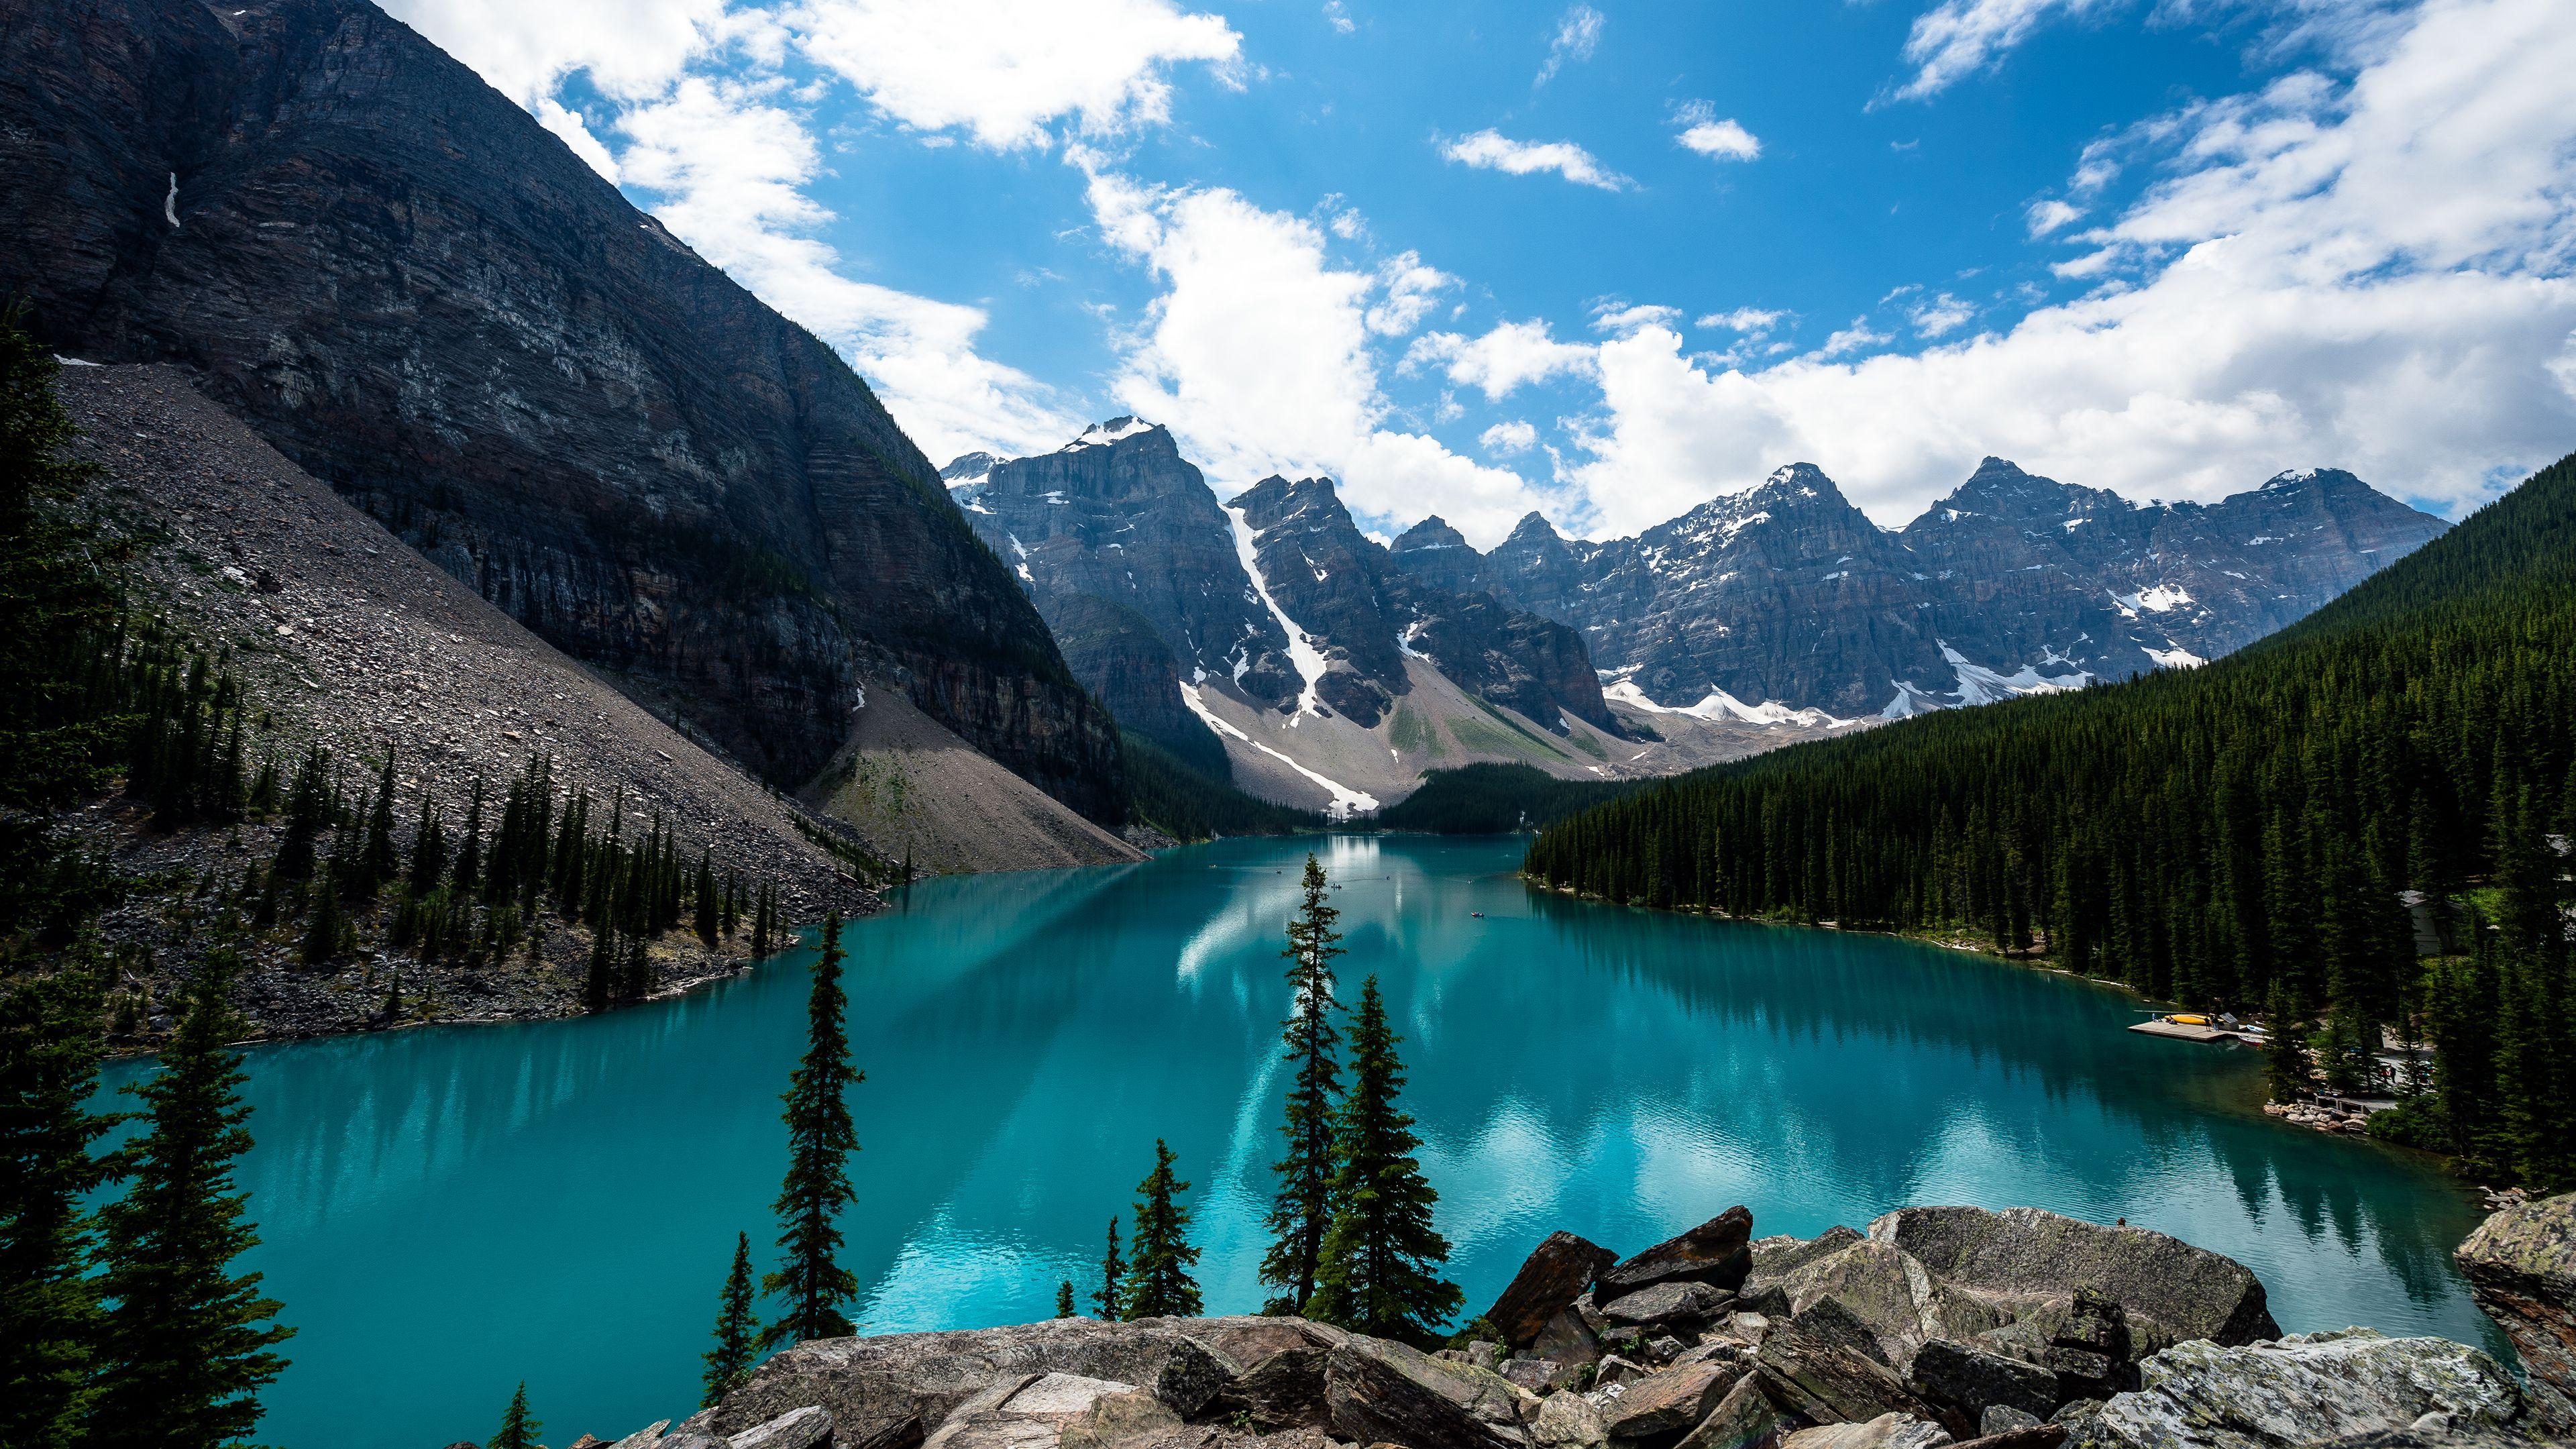 {title} (с изображениями) Озера, Национальные парки